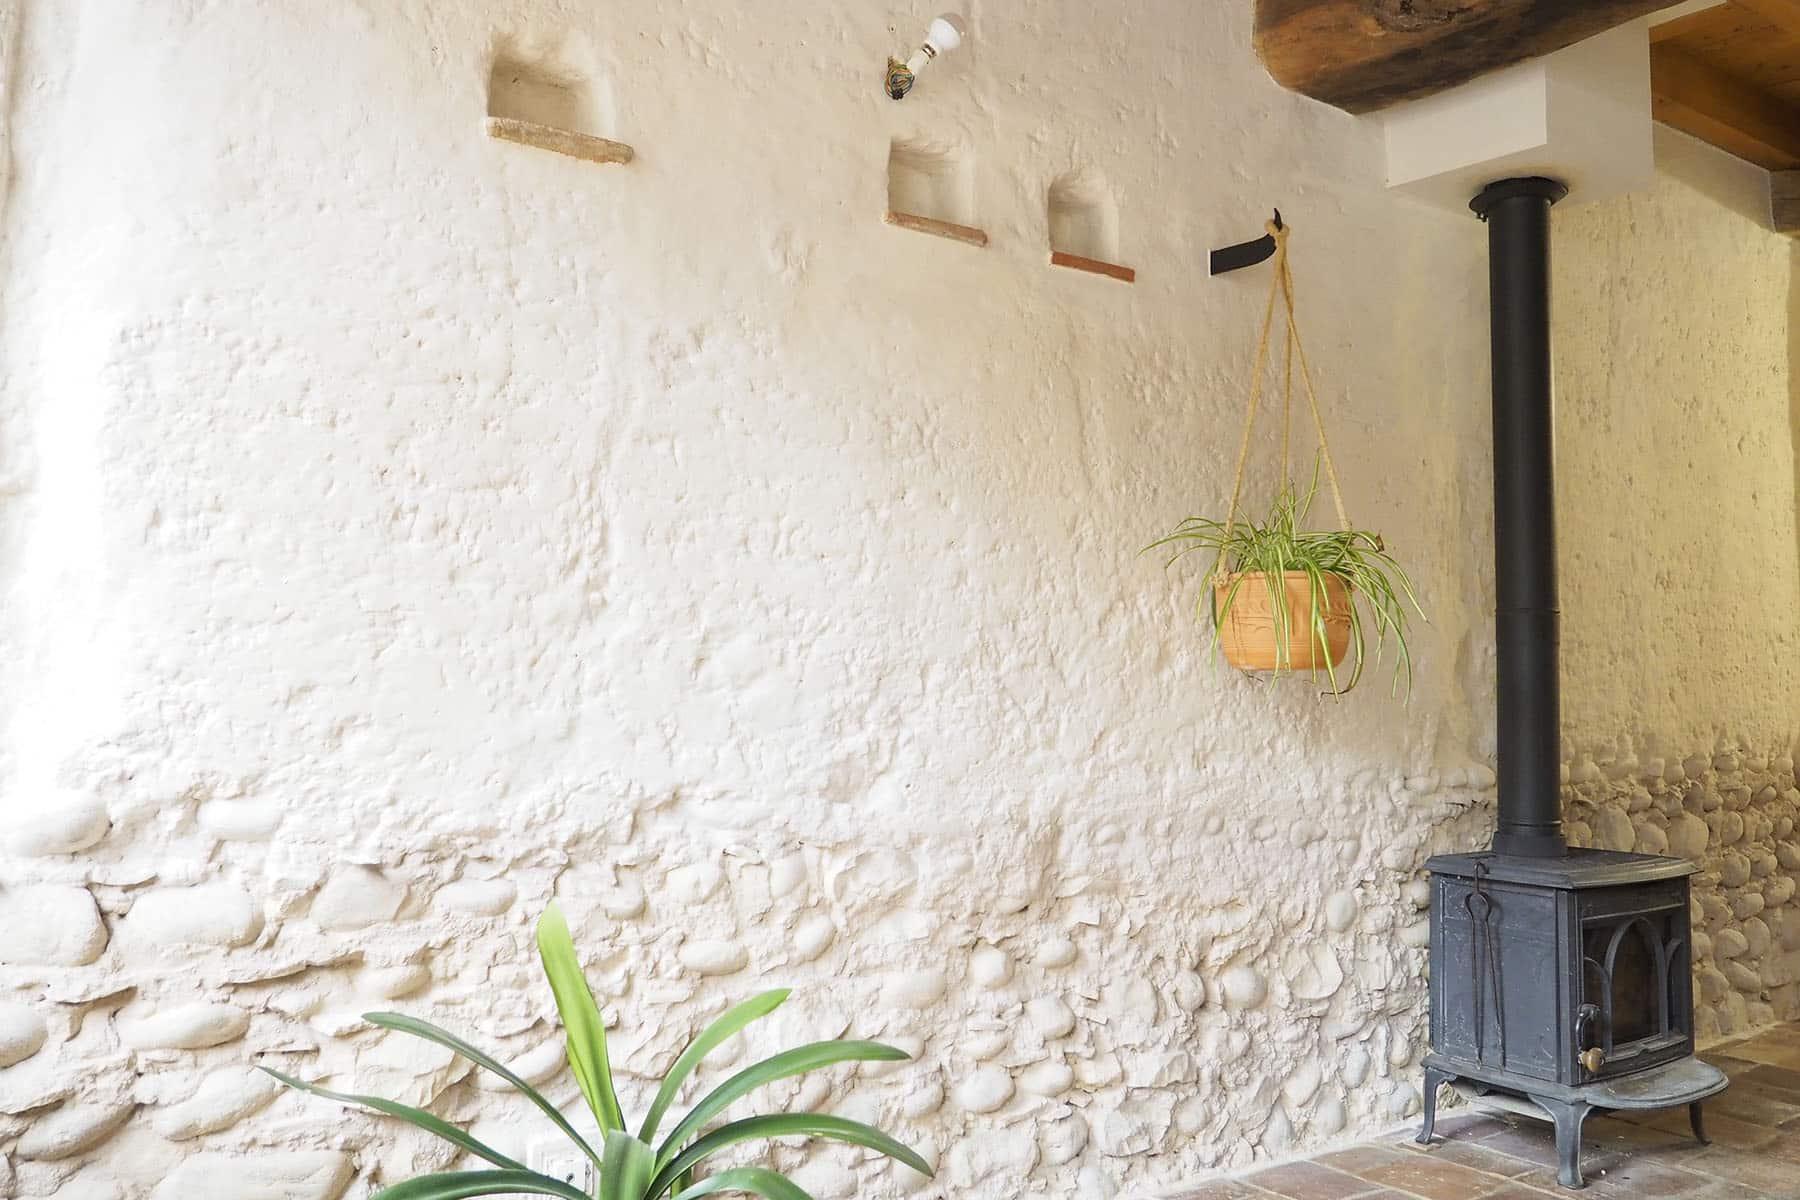 Une façade intérieure recouverte de chaux écologique